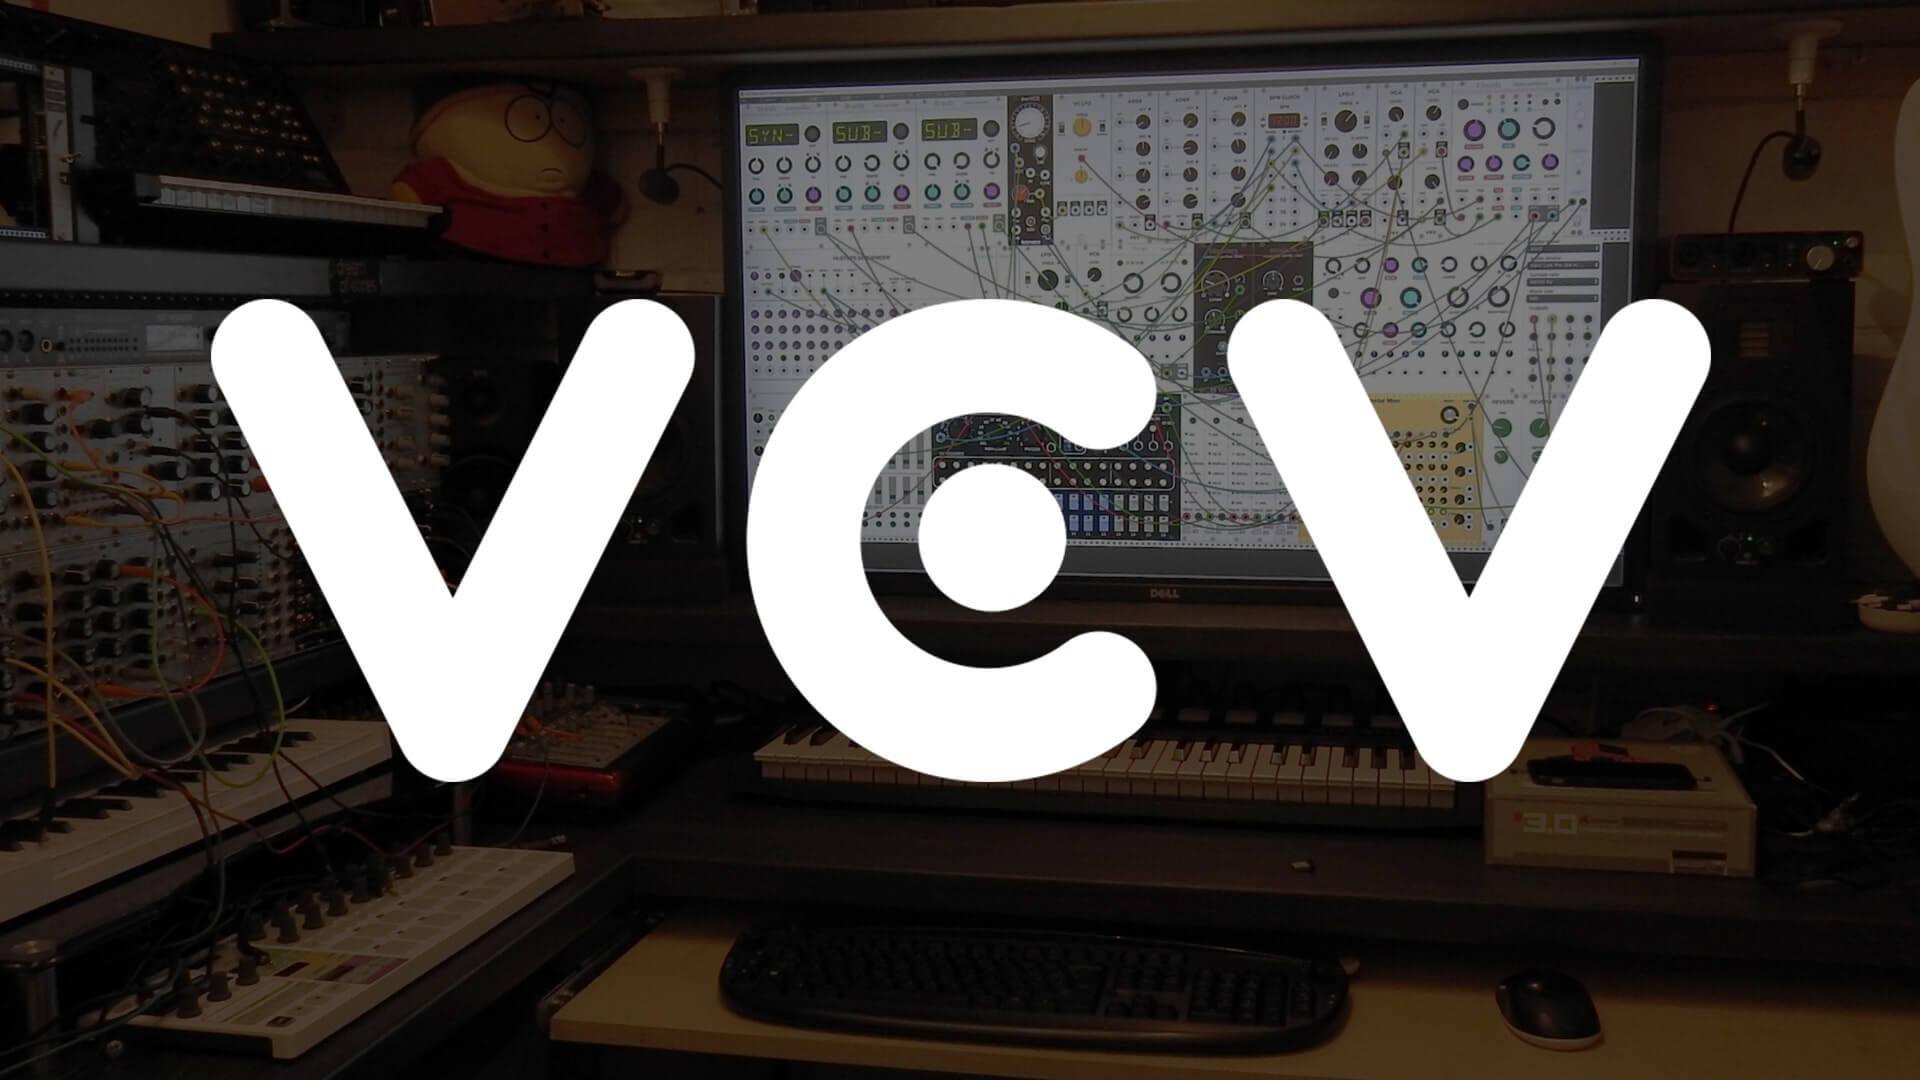 Explorez les synthétiseurs modulaires avec le logiciel VCV Rack